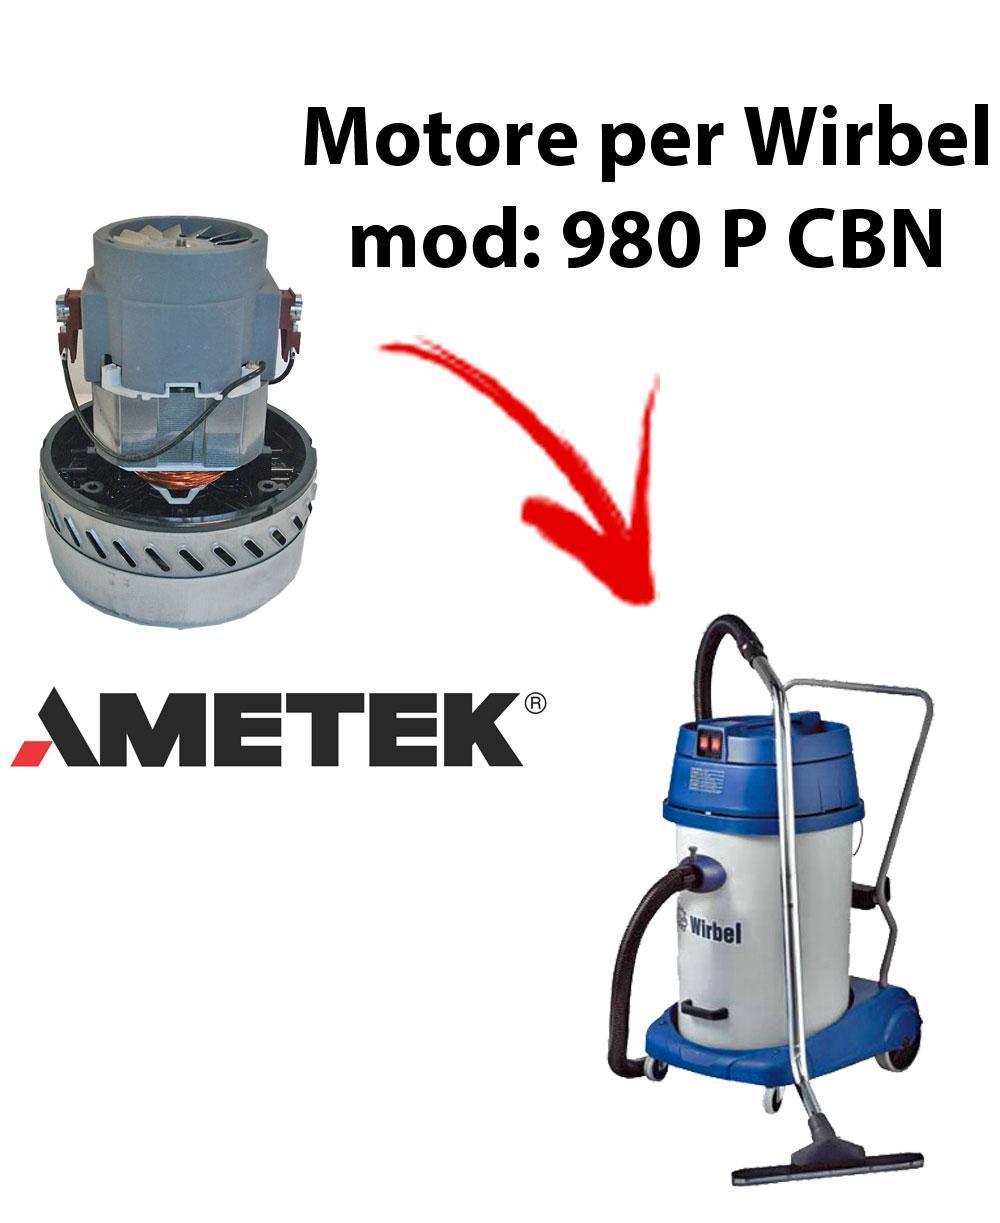 980 P CBN Saugmotor AMETEK für Staubsauger und Trockensauger WIRBEL